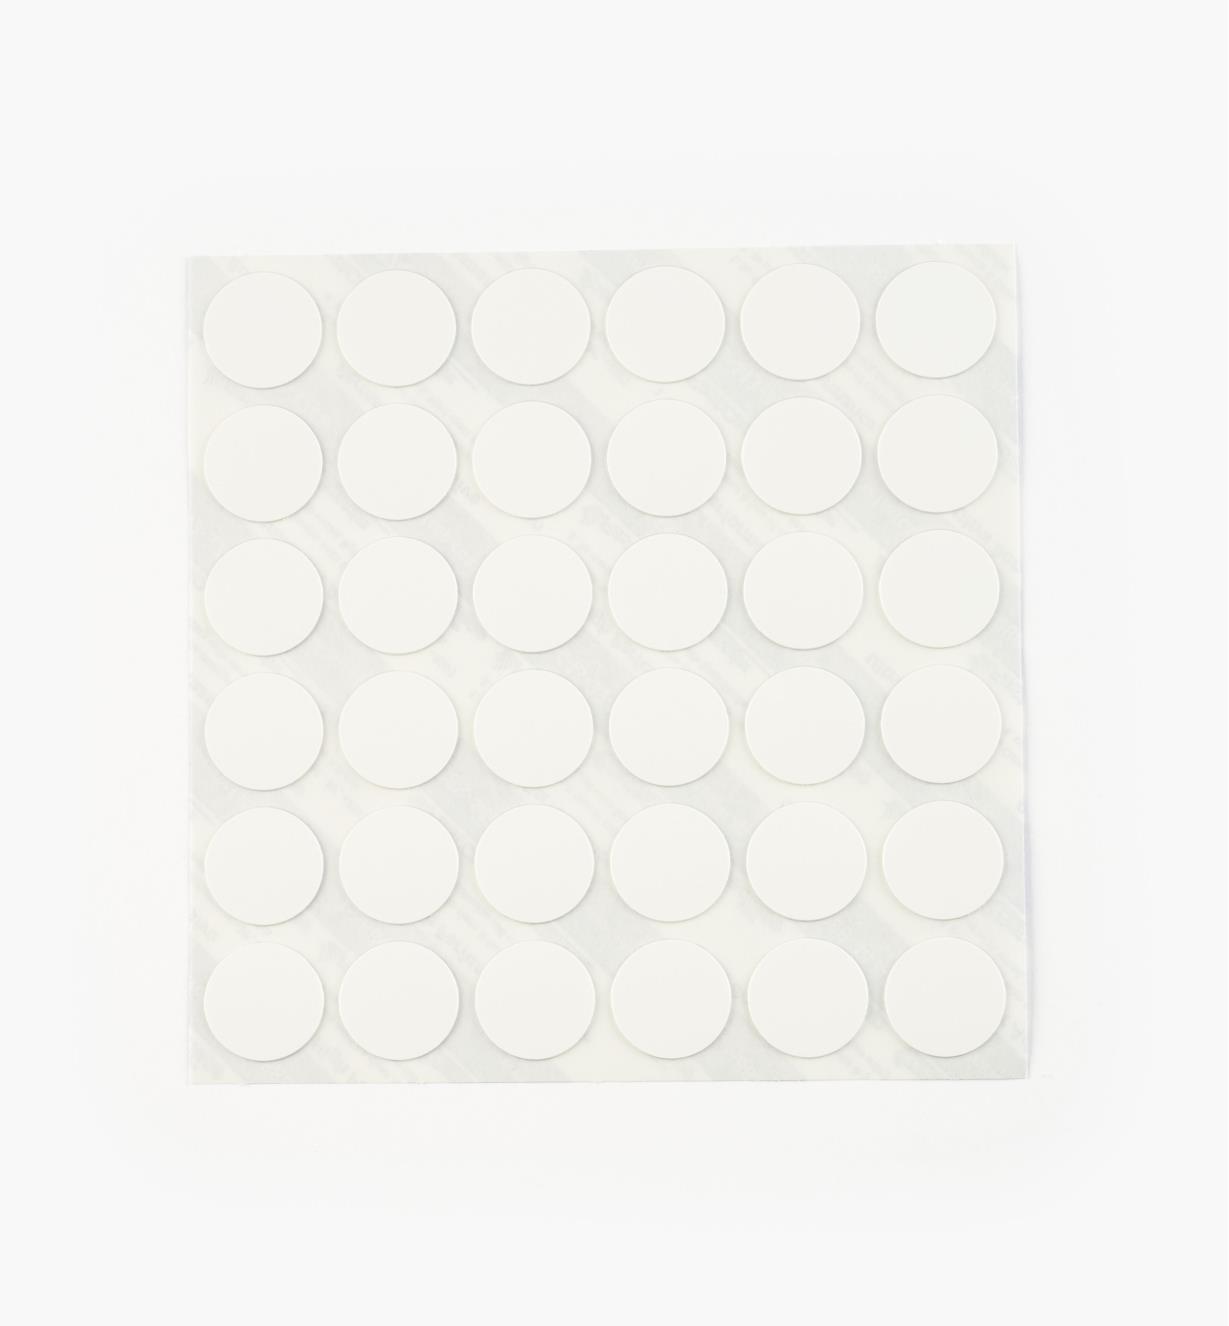 00S5311 - Cache-vis en PVC, blanc, 11/16 po, le paquet de 36